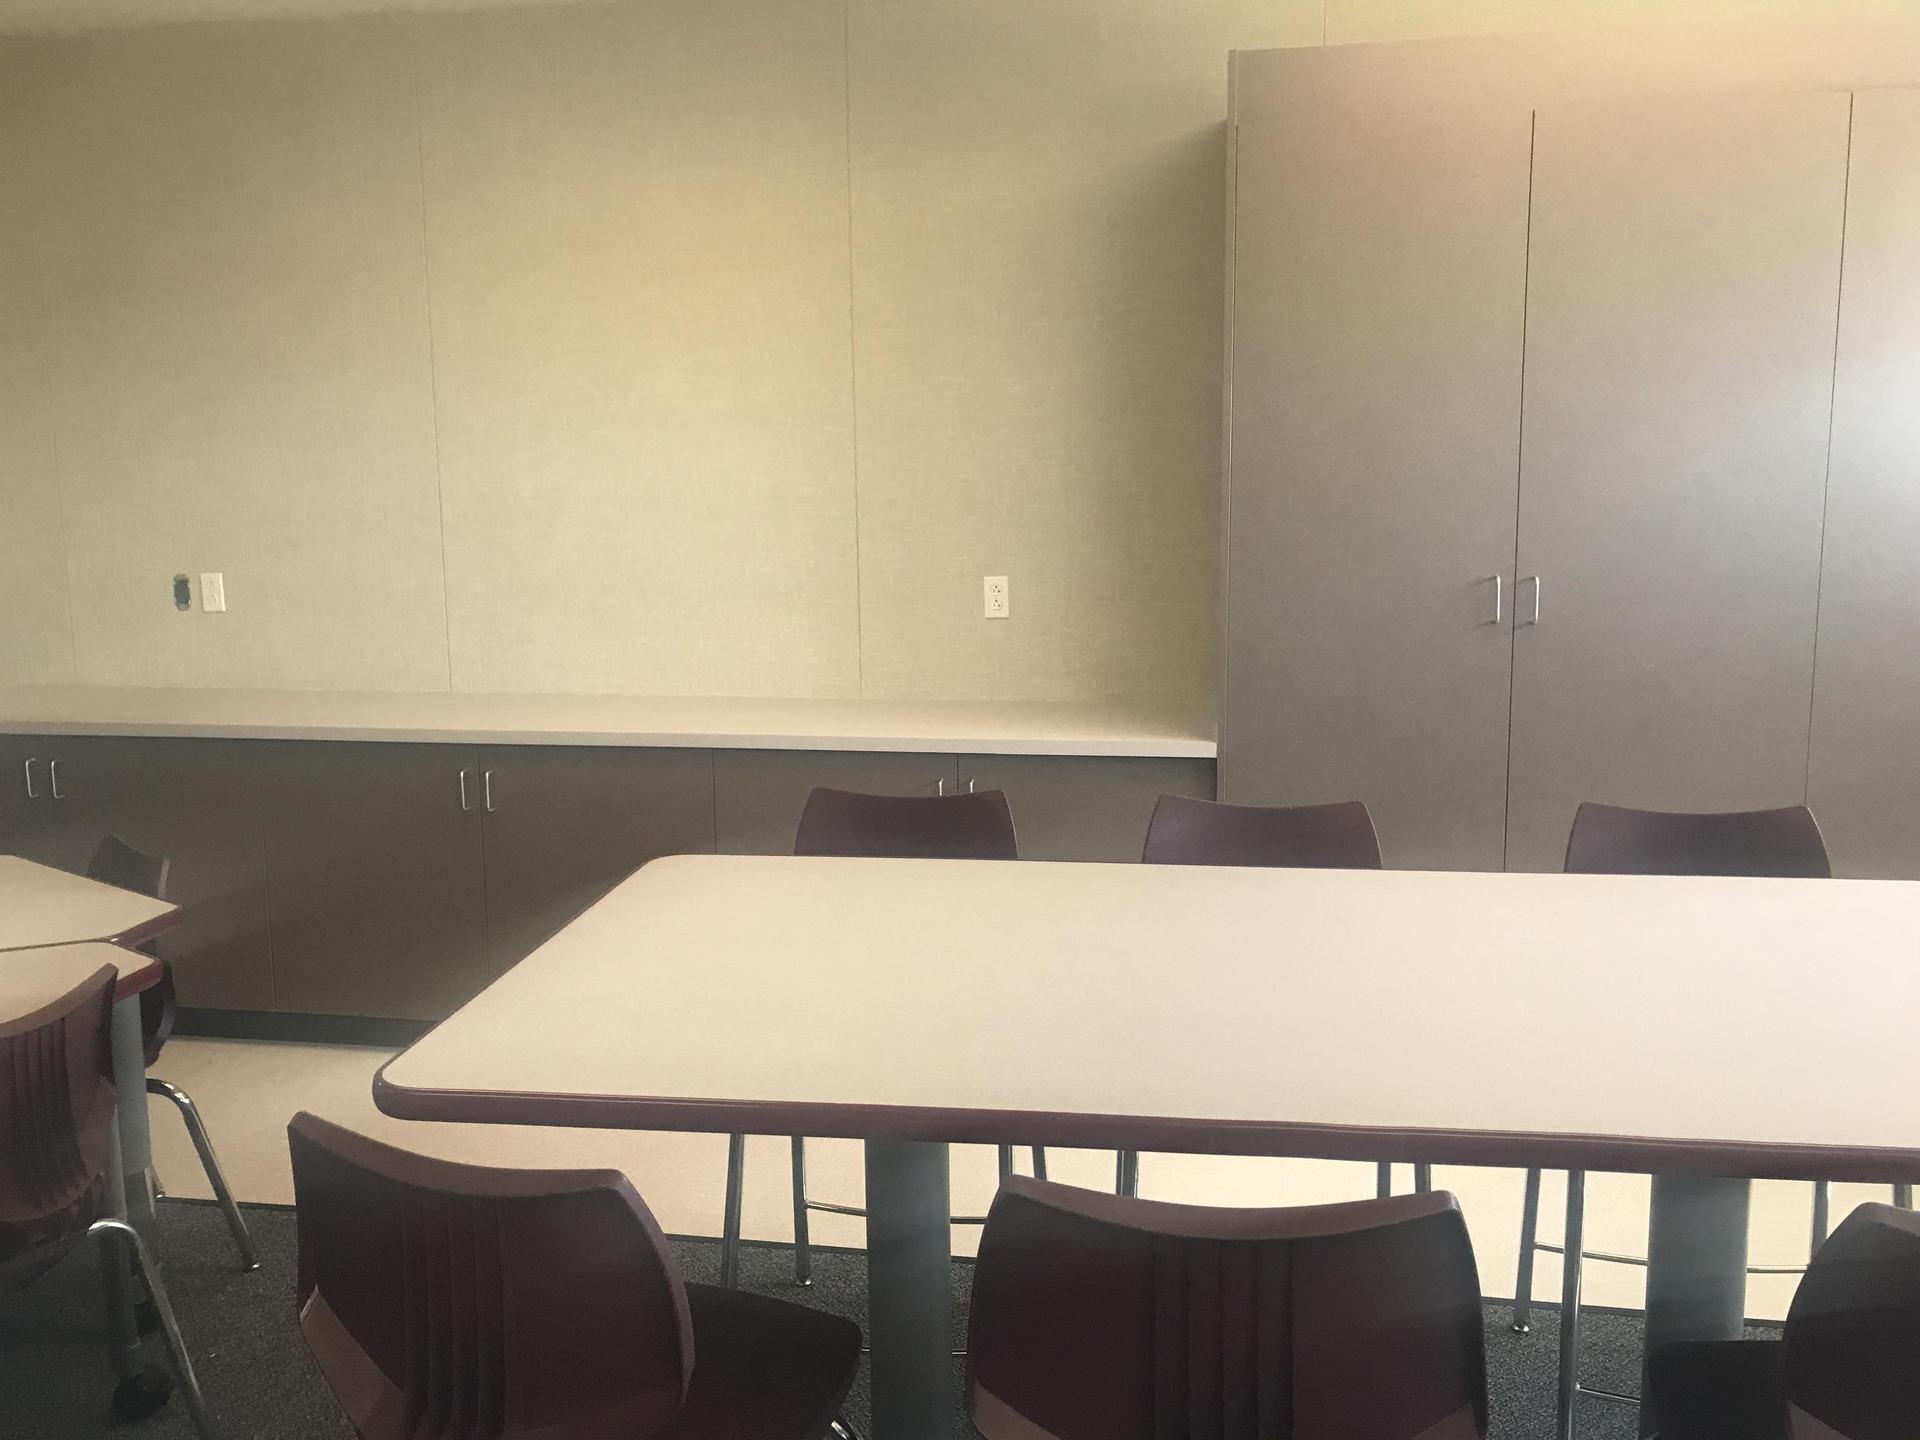 More Student Desk